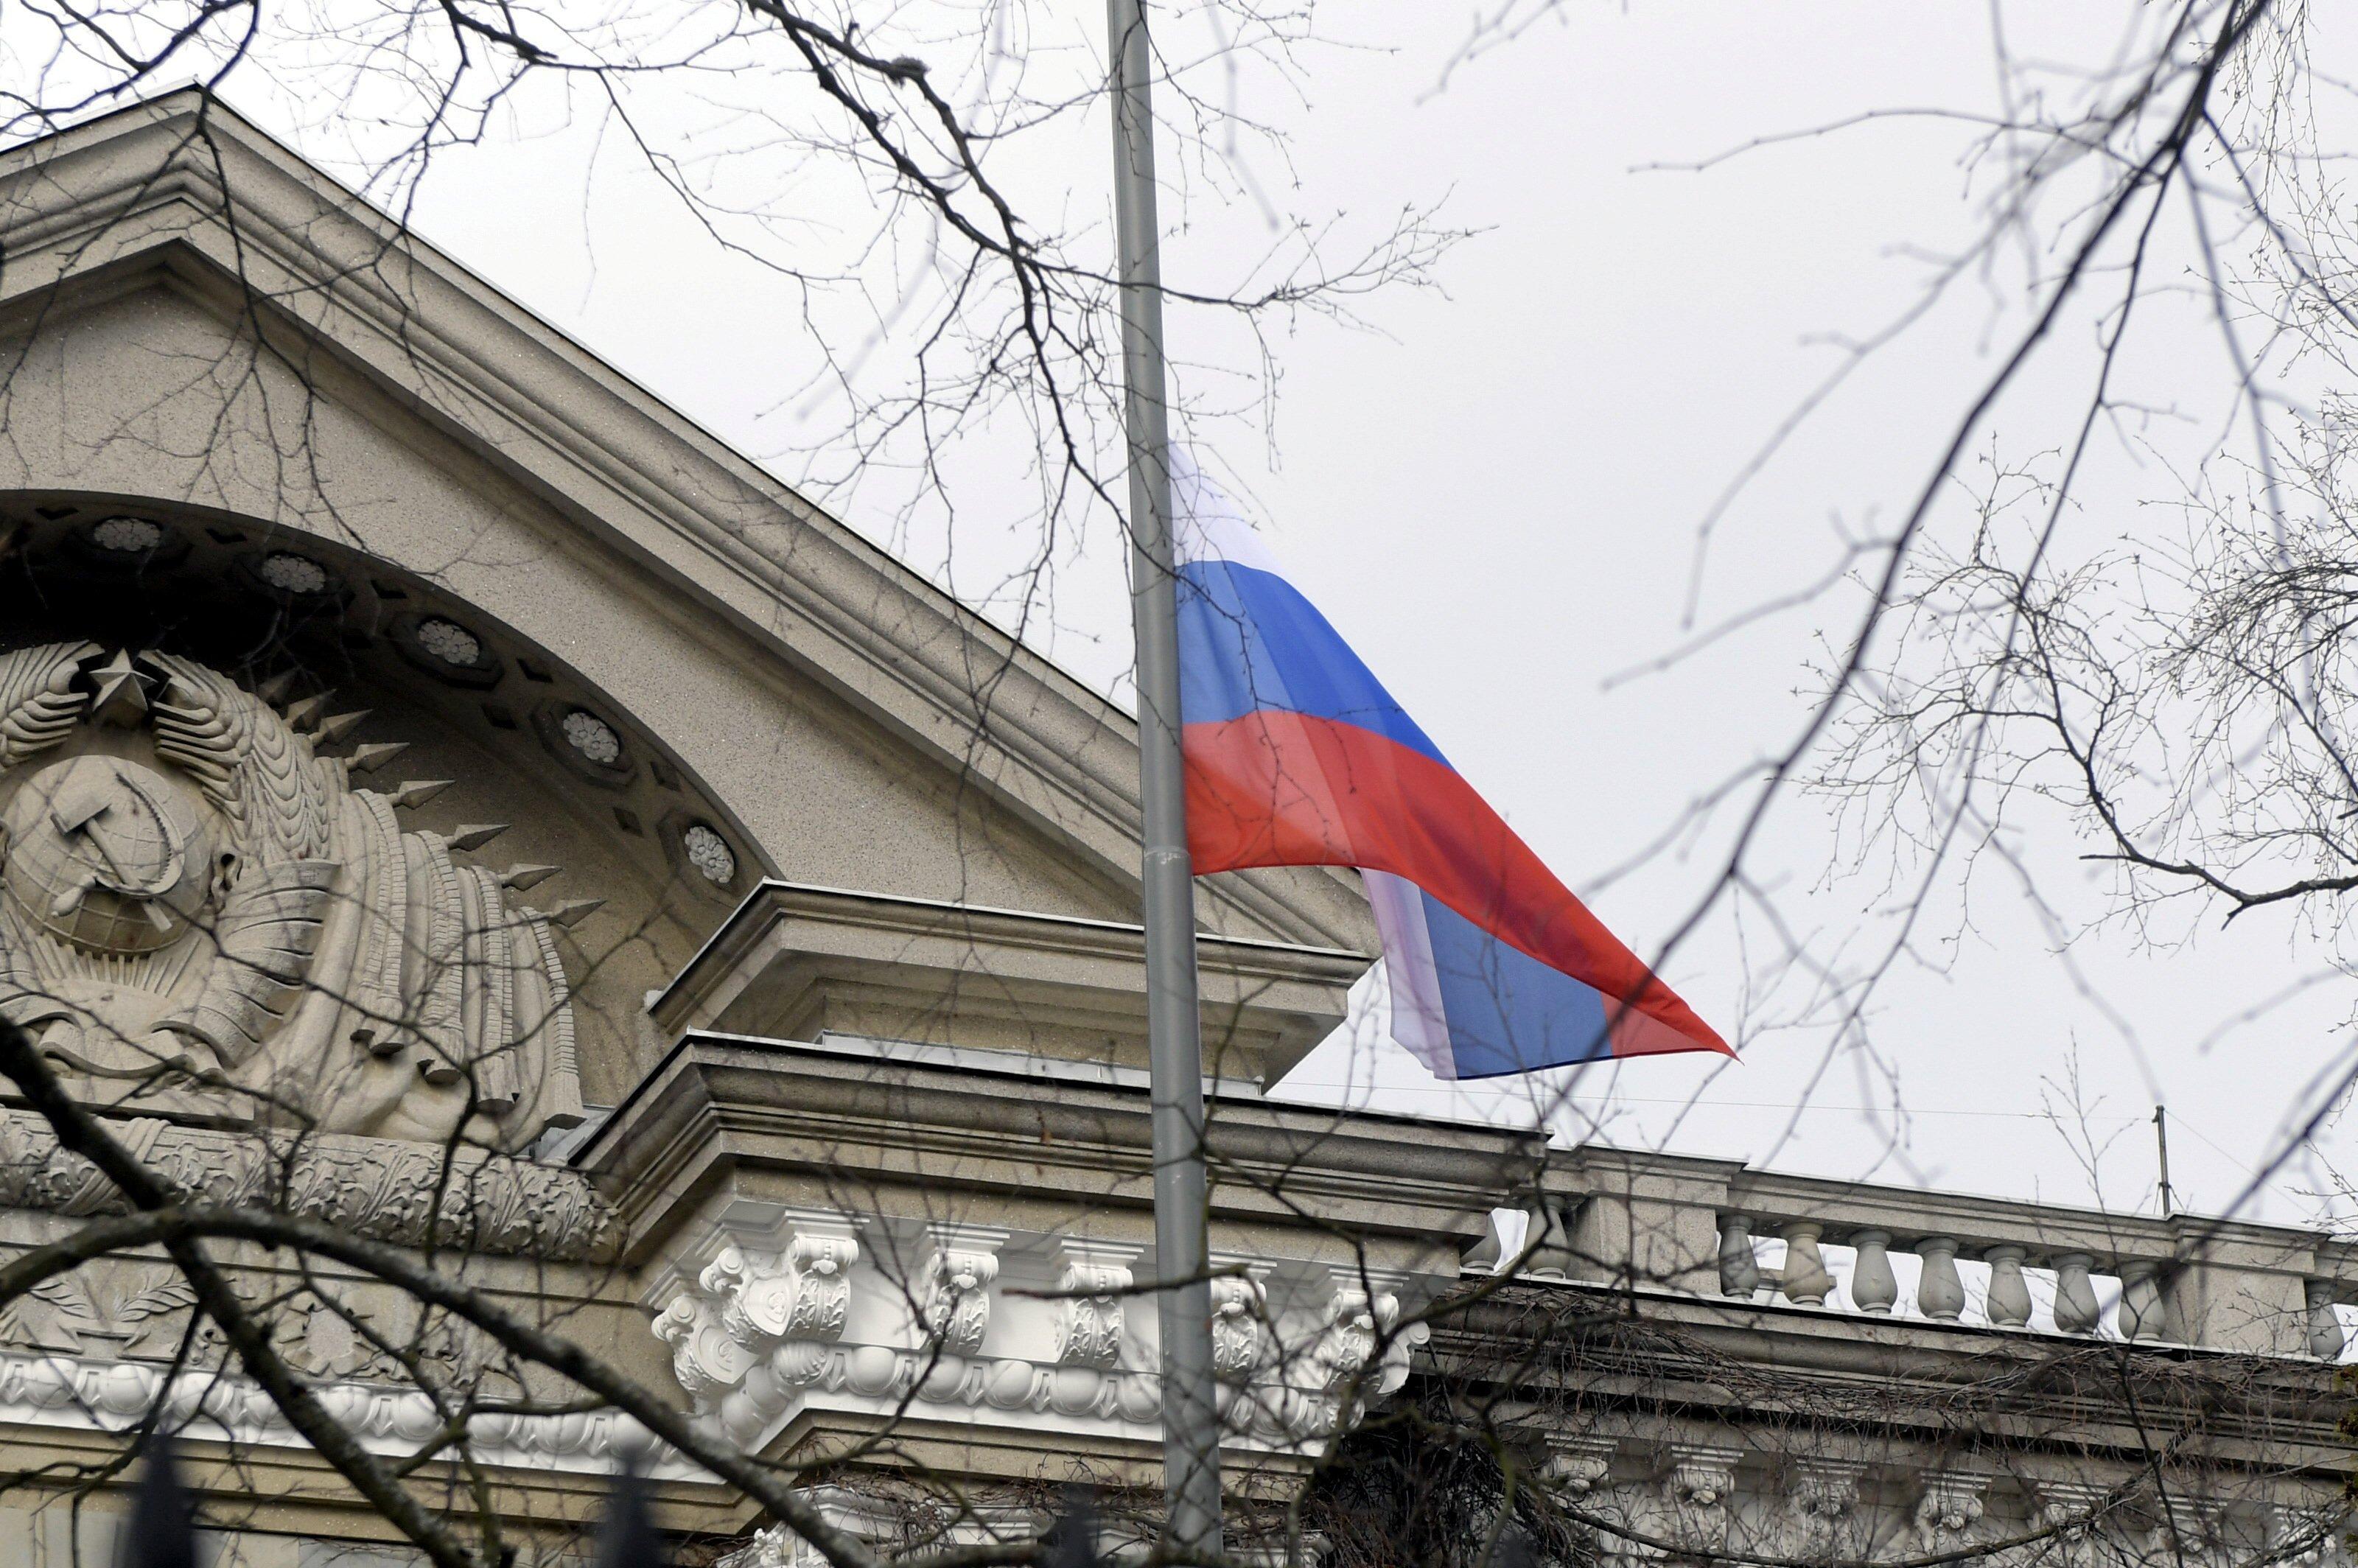 Бывший депутат Госдумы сообщил, что в связи с приближением в Украине выборов РФ будет активно пугать украинцев